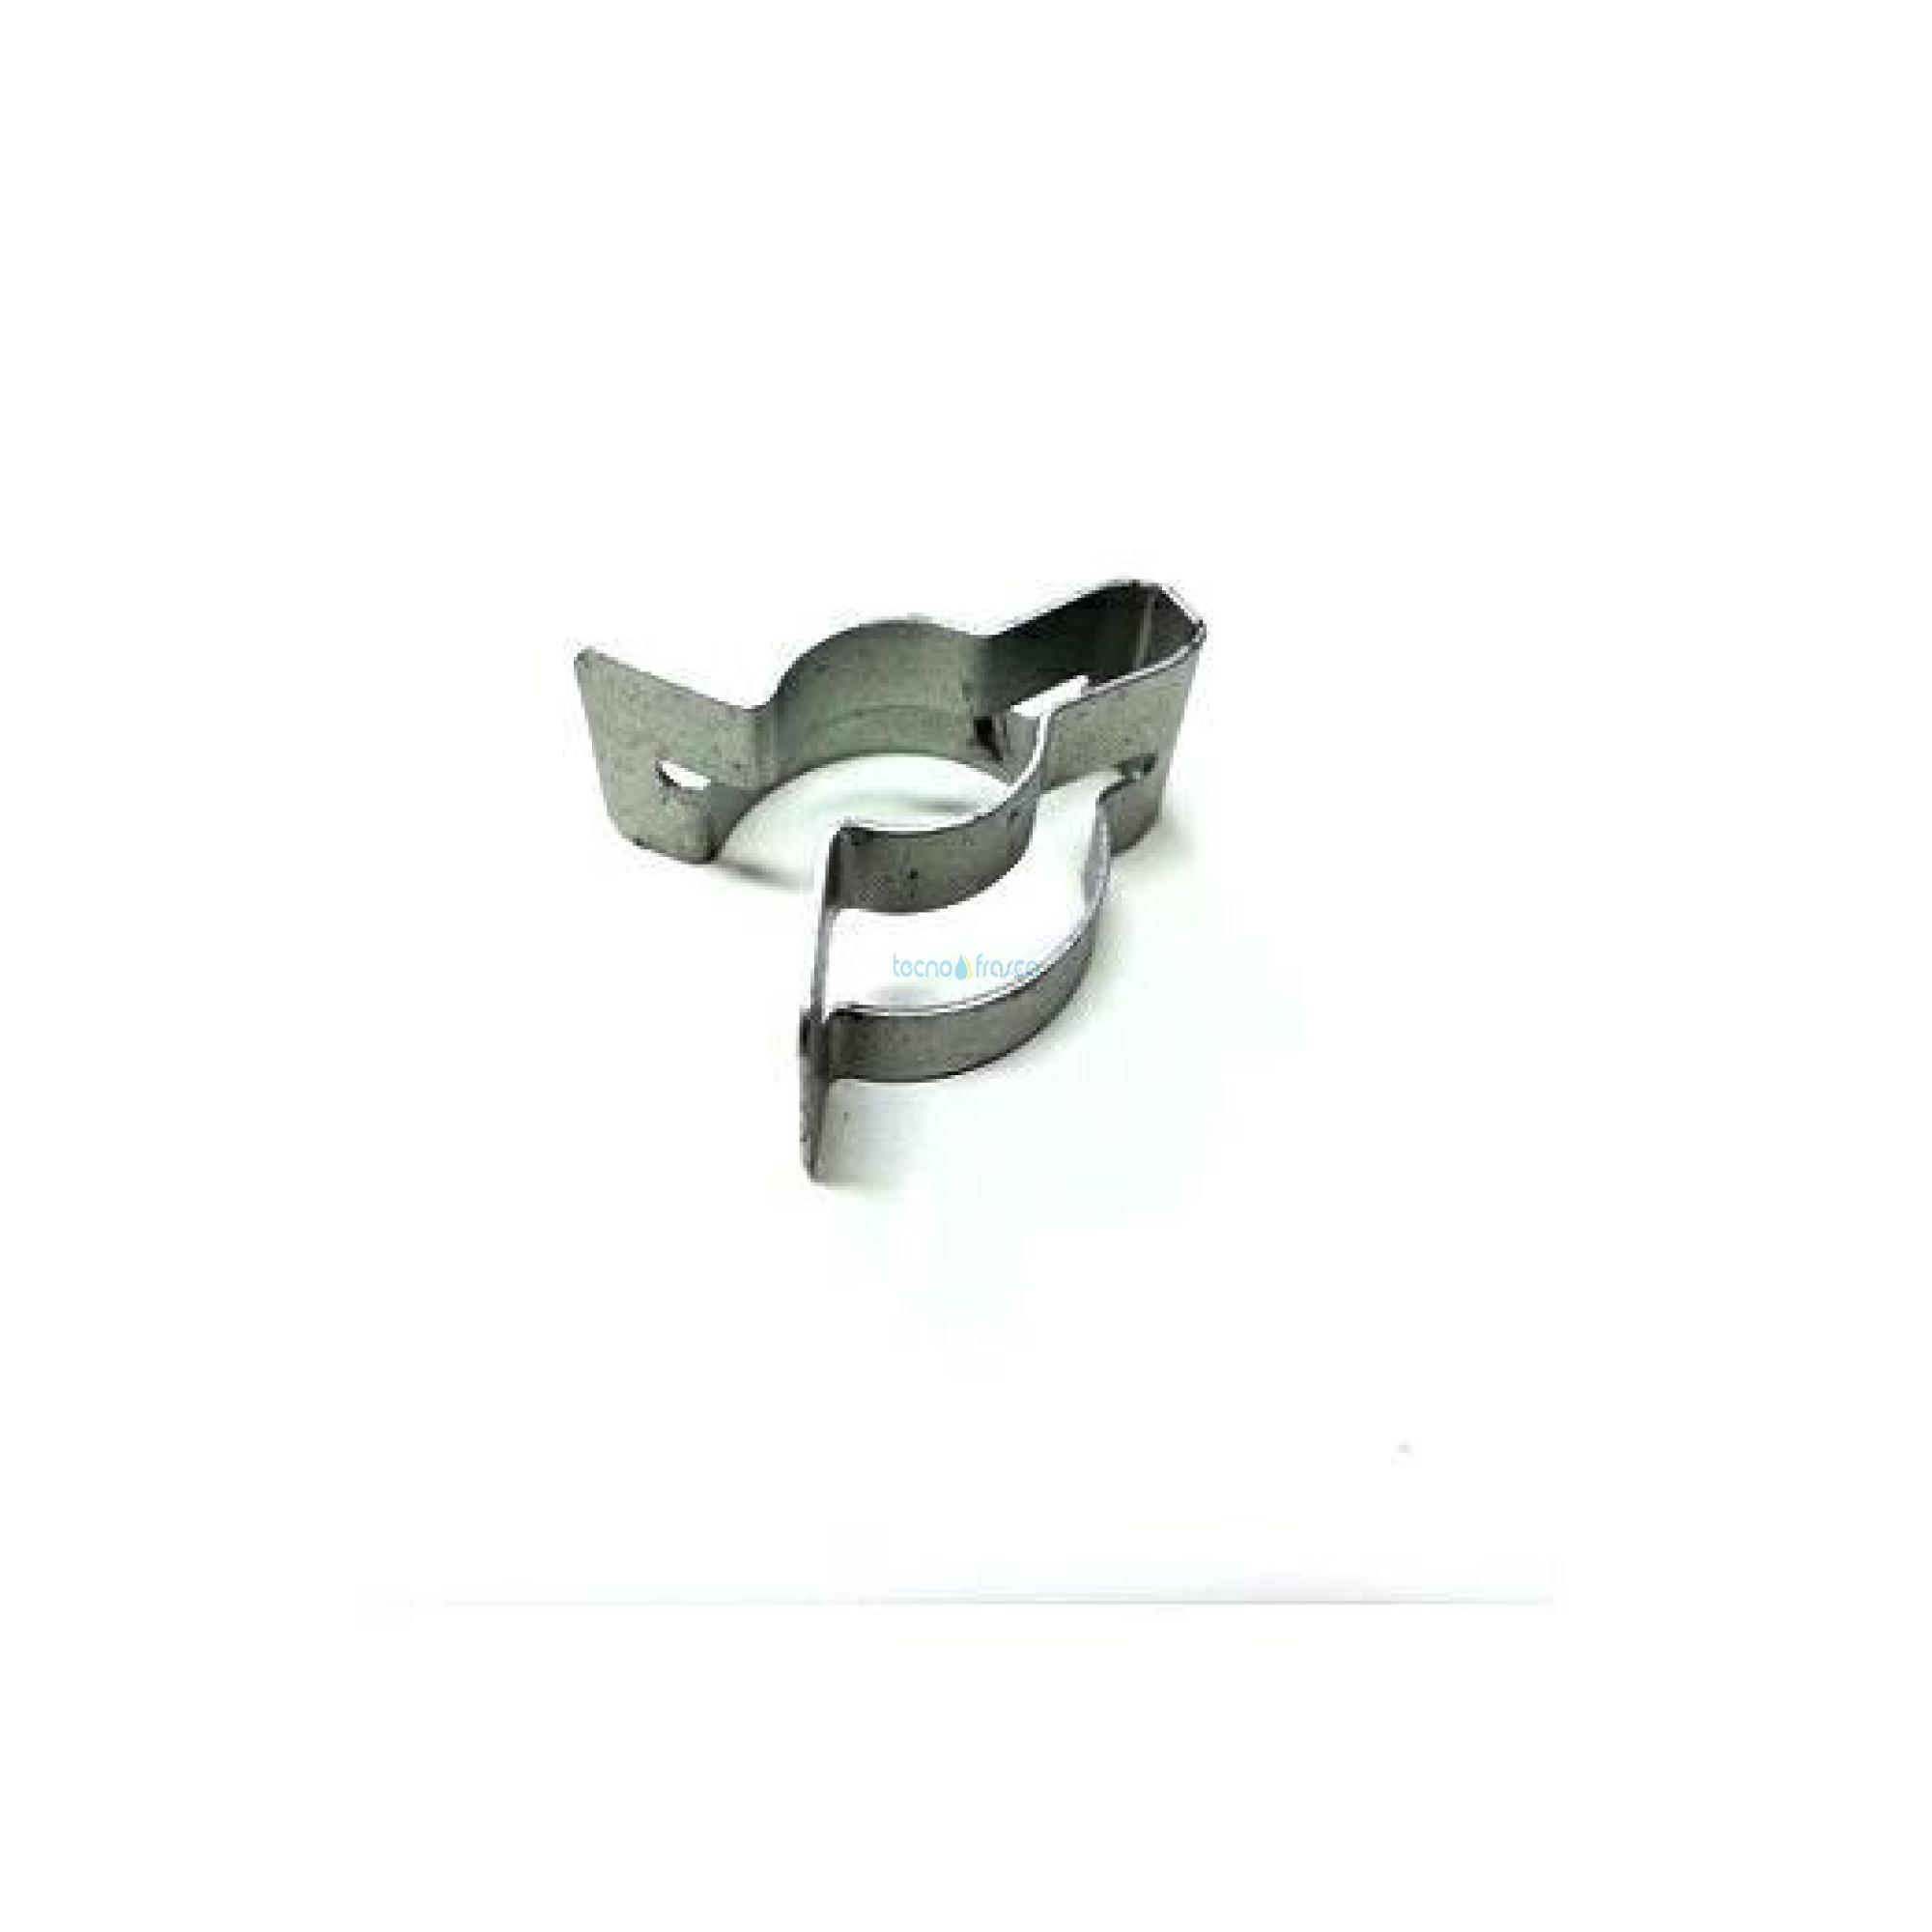 Baxi clip tubo by-pass jjj008380850